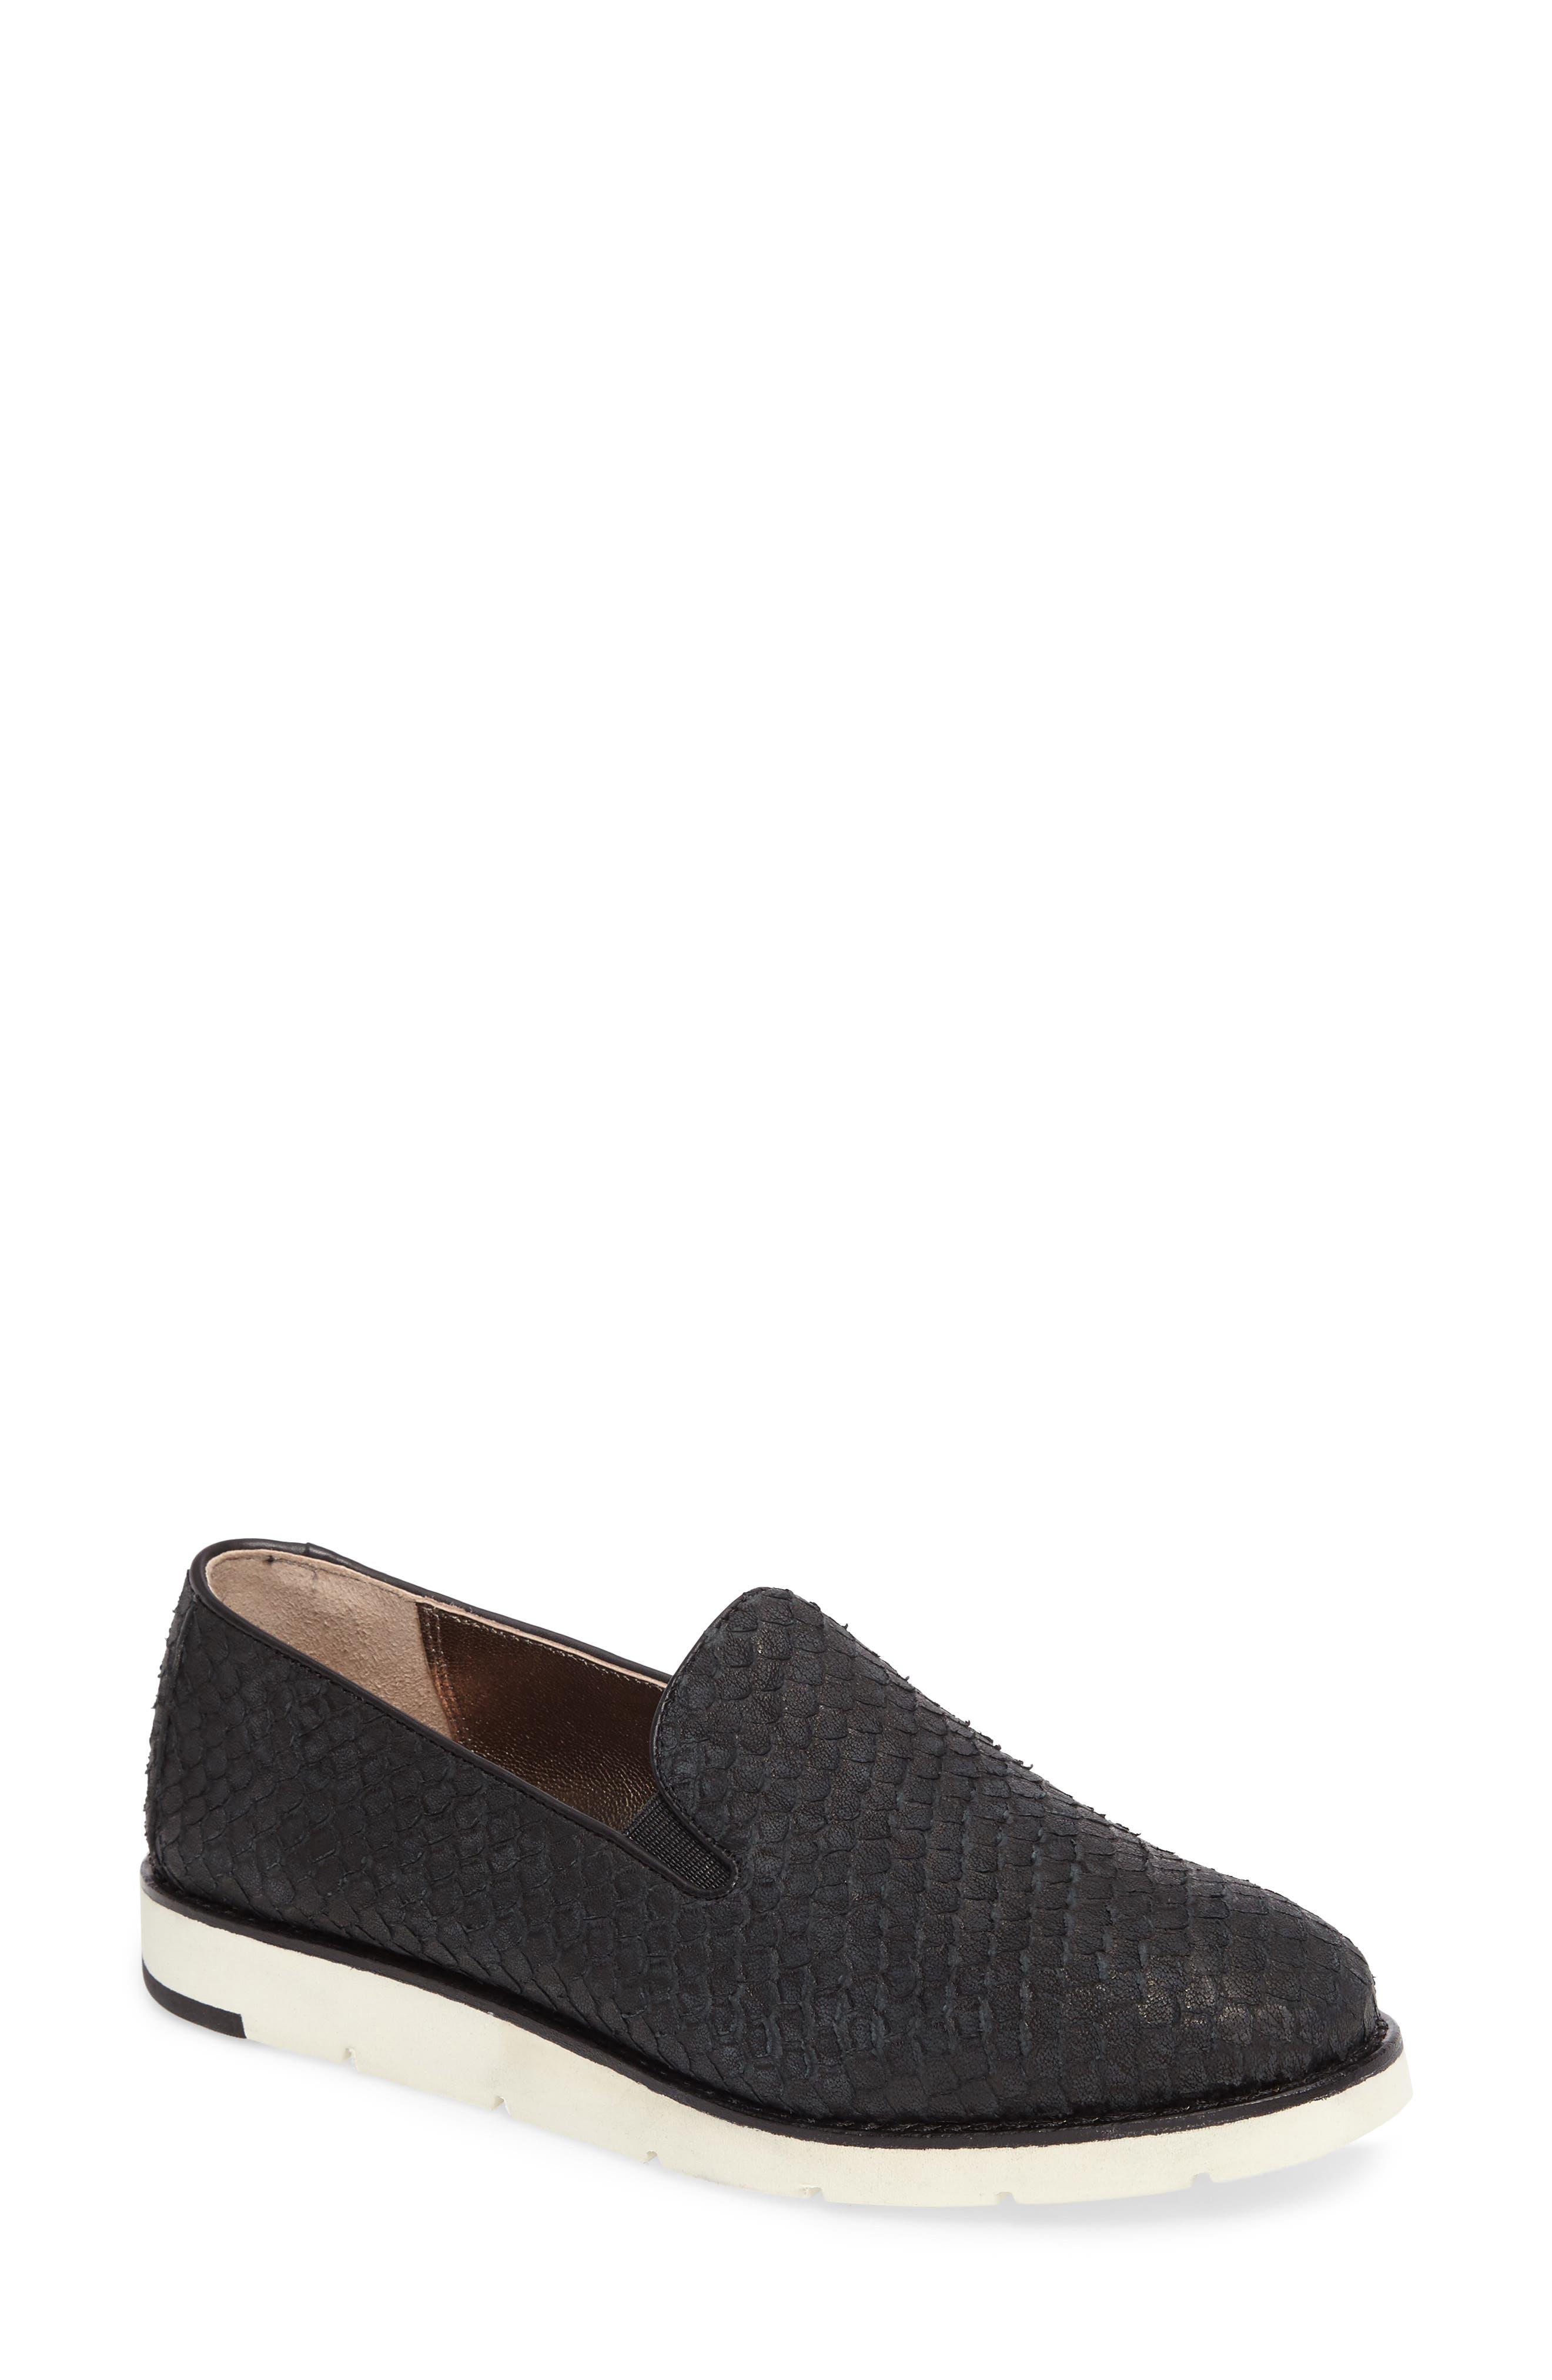 'Paulette' Slip-On Sneaker,                             Main thumbnail 1, color,                             Black Leather